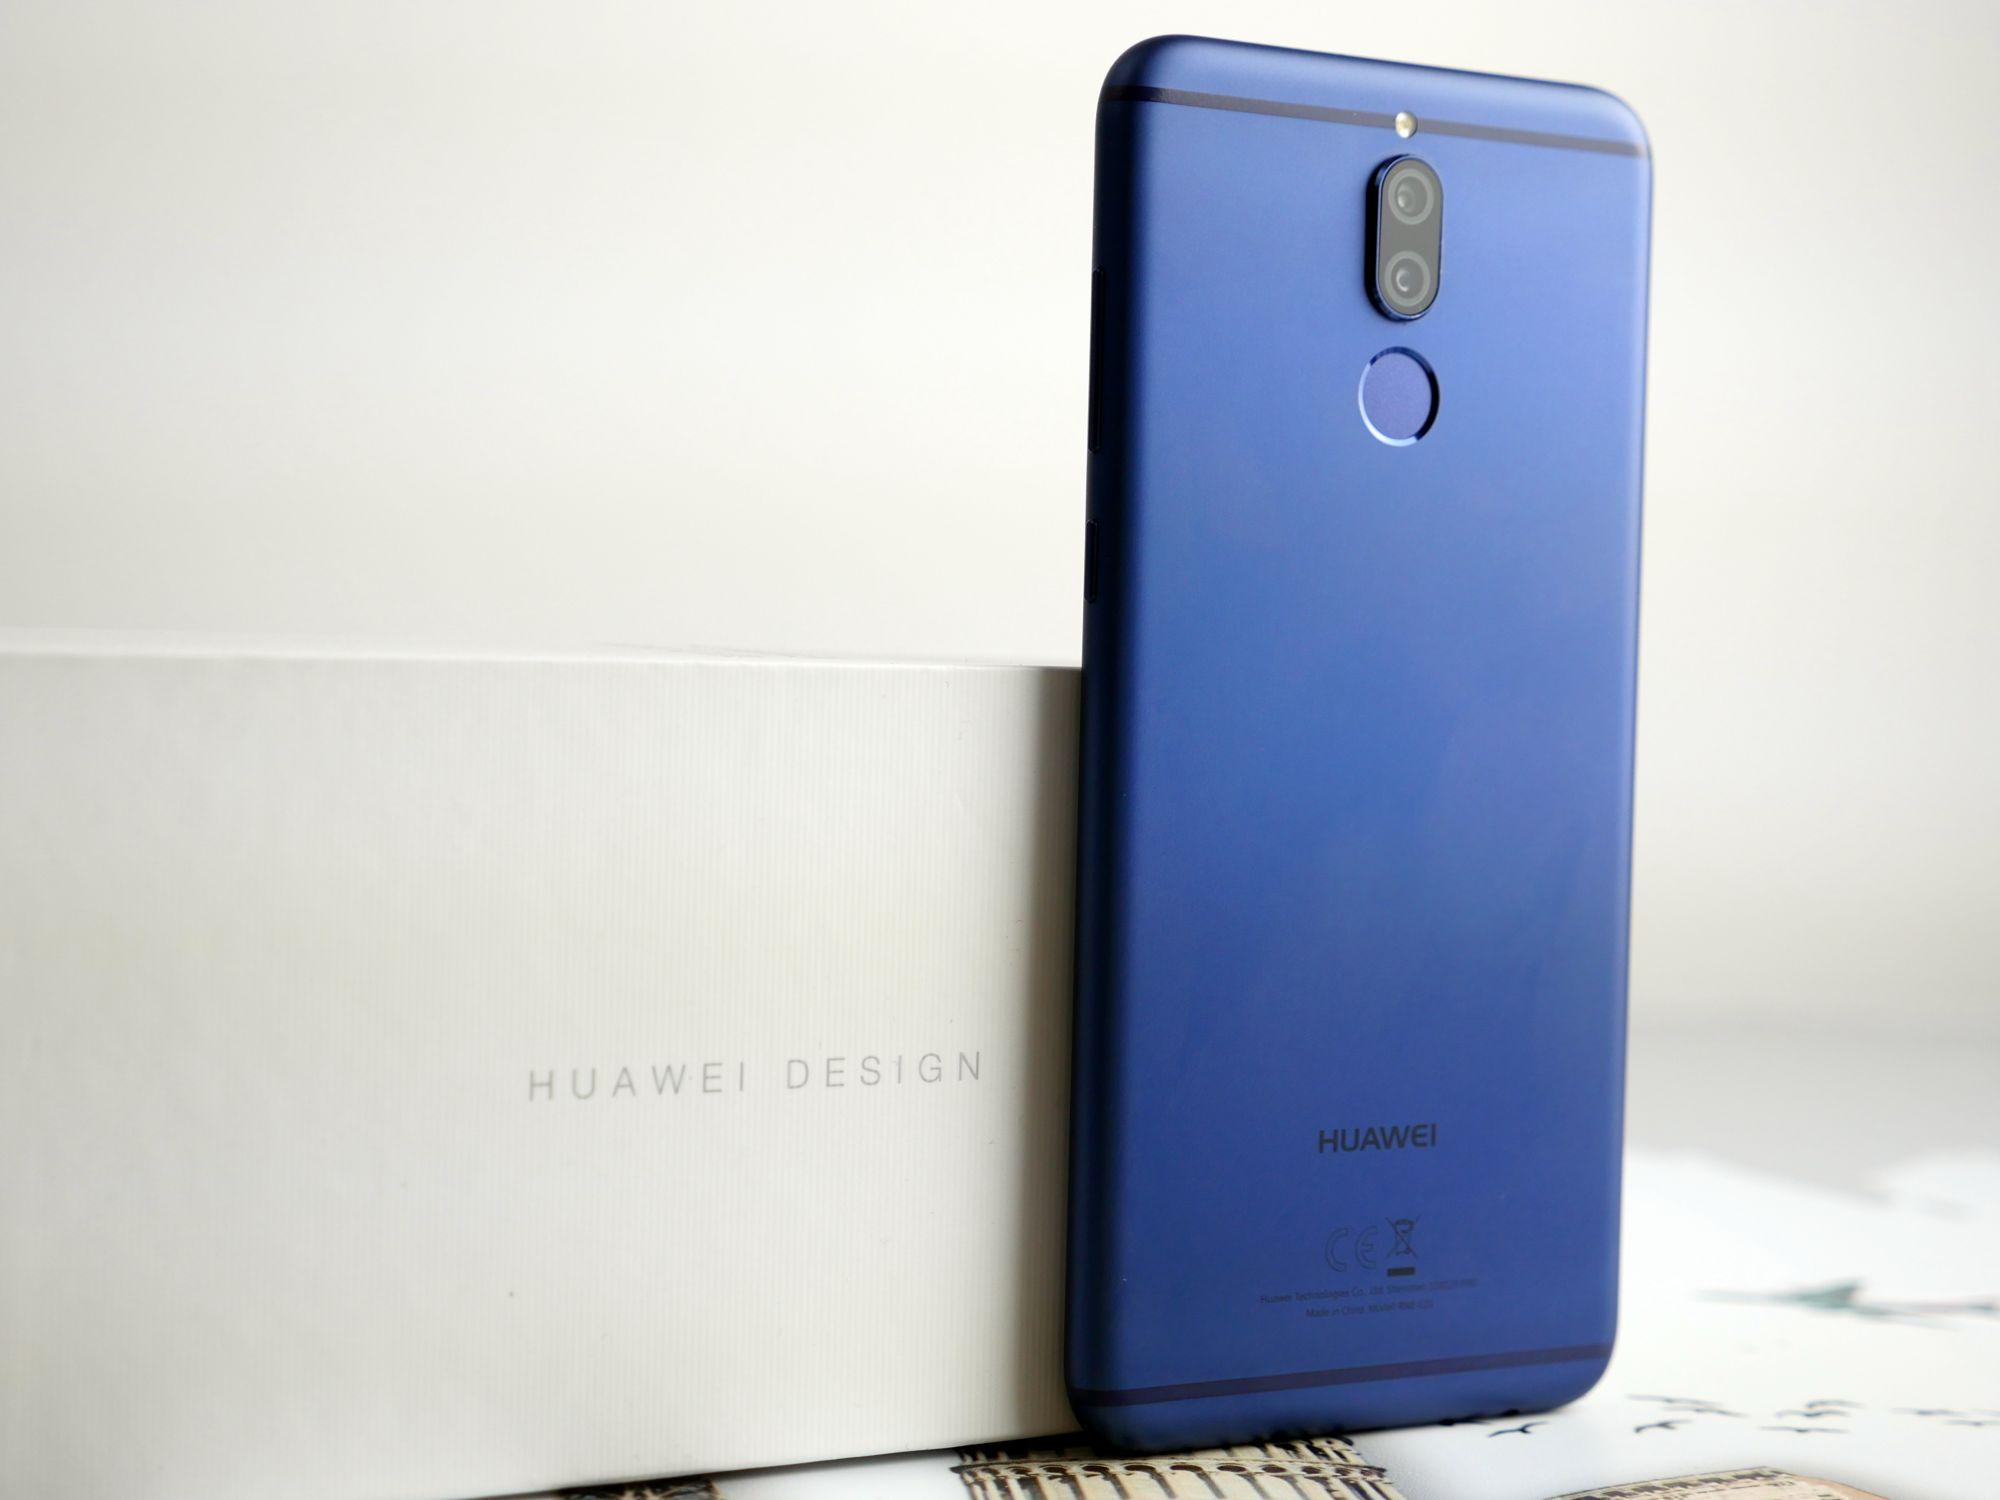 Rynek smartfonów w Polsce: Samsung pierwszy, ale Huawei dosłownie depcze mu po piętach. Wzrost rok do roku jest imponujący 20